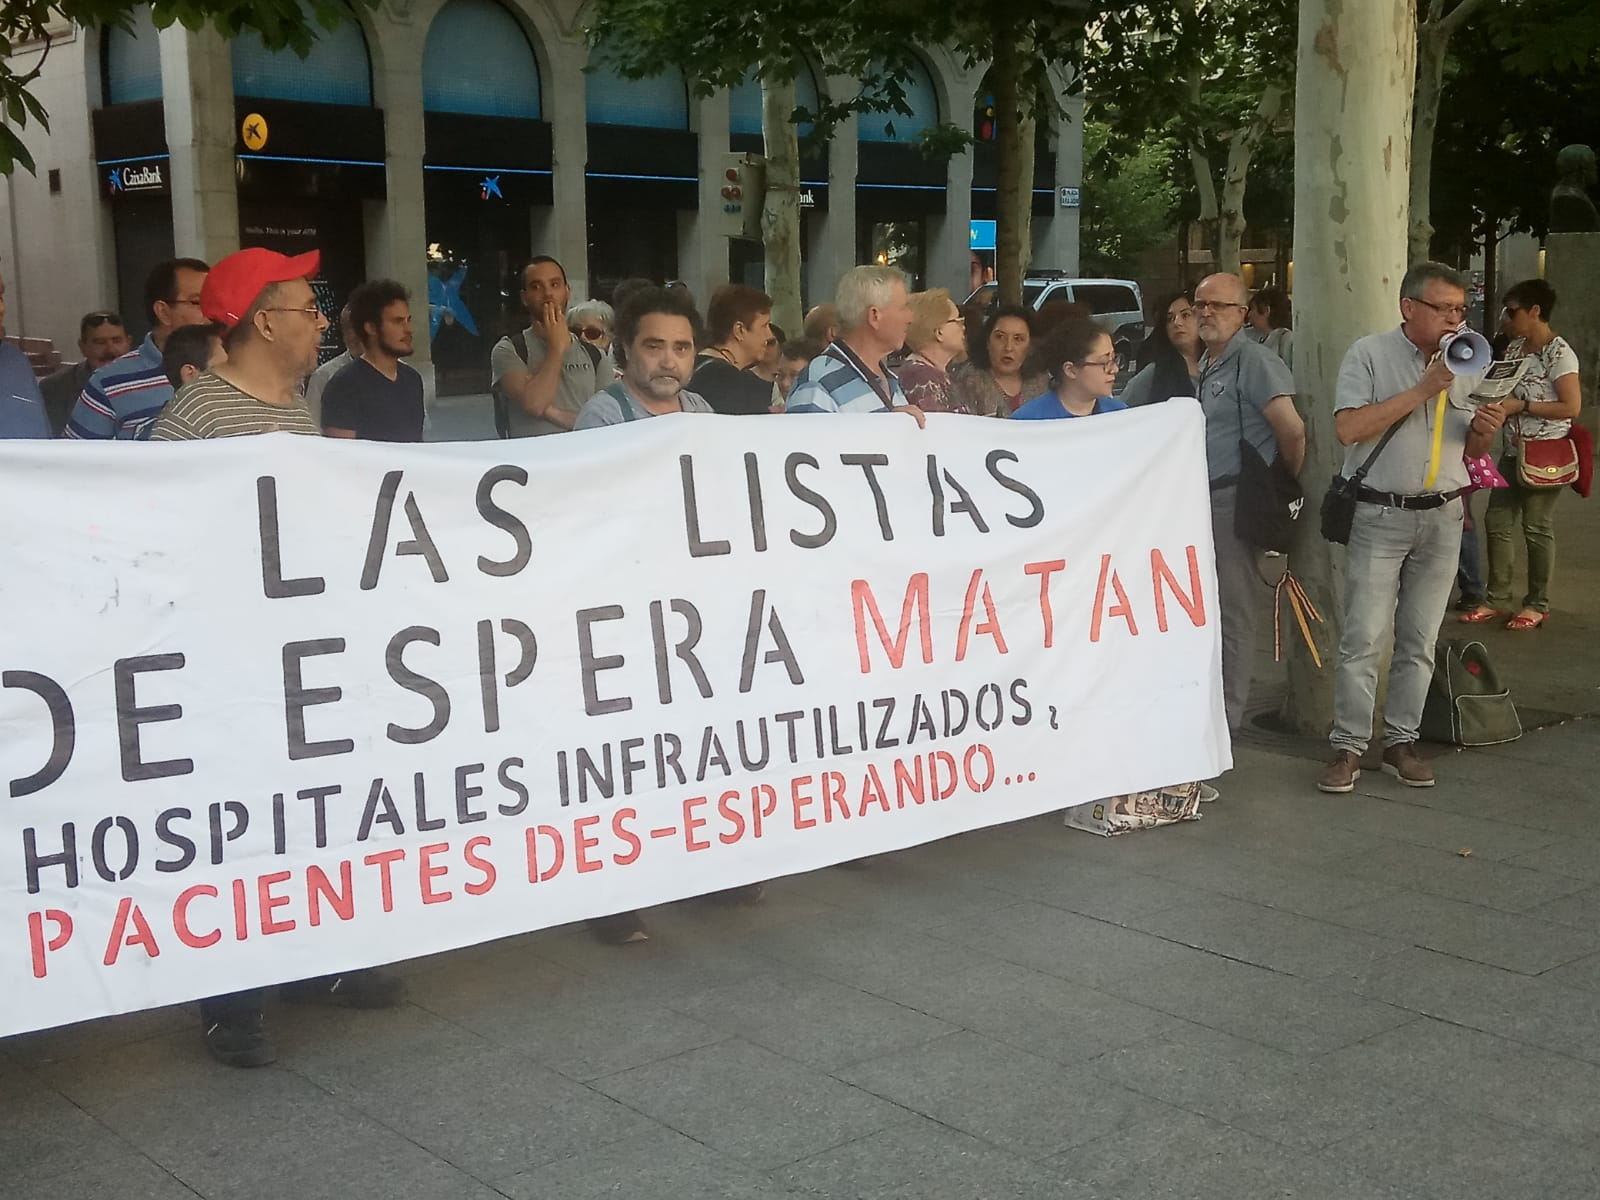 LAS LISTAS DE ESPERA MATAN. MOVILIZACIONES EN ZARAGOZA. SANIDAD PUBLICA